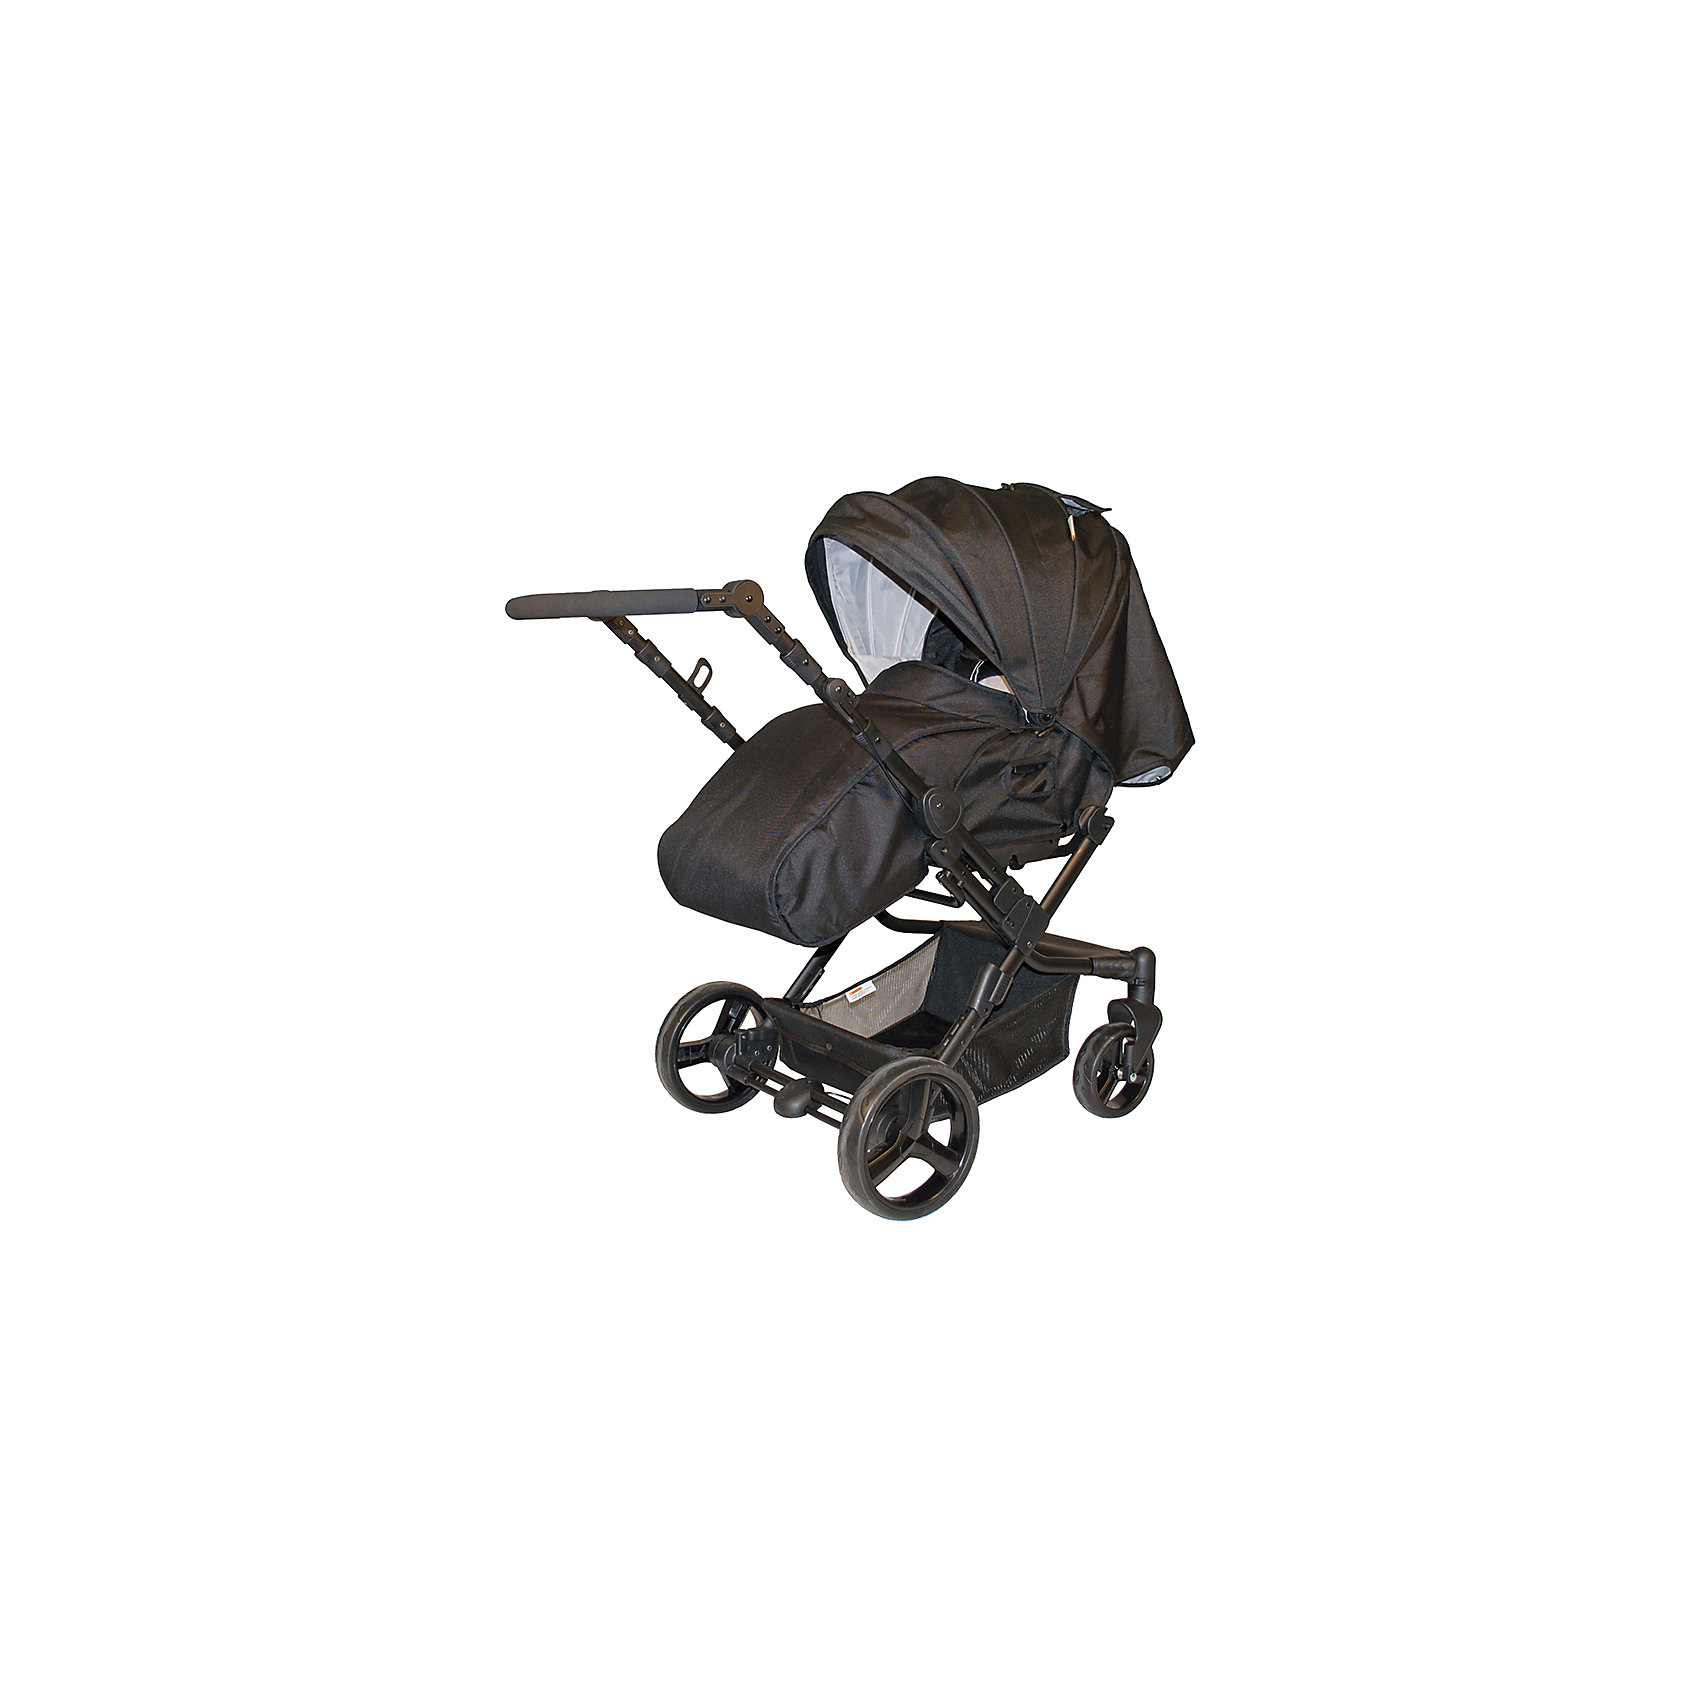 Коляска-трансформер Oasis, Baby Hit, серыйОсобенностью коляски является наличие у нее реверсивного прогулочного блока с устанавливаемой внутри на ремнях каркасной люлькой-переноской и перекидной ручки. Установка прогулочного блока против движения поможет малышу сохранять визуальный контакт с мамой, пока он совсем маленький, установка по ходу движения будет актуальна, когда ребенок подрастет и станет проявлять интерес к окружающему миру. Перекидная ручка поможет быстро изменить положение ребенка относительно направления движения, что пригодится в условиях ограниченного маневра или при резком ухудшении погоды (например, при встречном дожде или ветре).  Ходовая часть коляски-трансформера Oasis состоит из алюминиевой рамы, установленной на четырех колесах с амортизацией, передние колеса - полностью поворотные с фиксацией в положении прямо, задние - оборудованы тормозами с ручным управлением. Безопасность модели обеспечивают 5 точечные ремни безопасности и бампер с паховым ремнем, предохраняющие детей от возможного выпадения или выскальзывания из коляски. Складывается коляска книжкой( возможен вариант складывания без снятия прогулочного блока), в сложенном виде без труда помещается в багажник авто и занимает немного места при хранении.<br><br>Характеристика:<br>- Для детей от рождения до трех лет.<br>- Переставляемый «лицом к родителю» и обратно прогулочный блок.<br>- Перекидная родительская ручка.<br>- Четыре положения регулировки наклона спинки.<br>- Регулируемая подножка.<br>- Поворотные одинарные передние колеса с фиксацией.<br>- Съемный ограничительный поручень с паховым ремнем.<br>- Пятиточечная система ремней безопасности.<br>- Прочная алюминиевая рама<br>- Багажная корзина с козырьком от грязи.<br>- Облегченные колеса (передние 18 см, задние  24 см).<br><br>Дополнительная информация:<br>- Ширина колесной базы - 59,5 см.<br>- Размер коляски в разложенном состоянии: 112х105х48 см. (высота, длина, ширина)<br>- Размер коляски в сложенном состоянии (с прогулочным блок